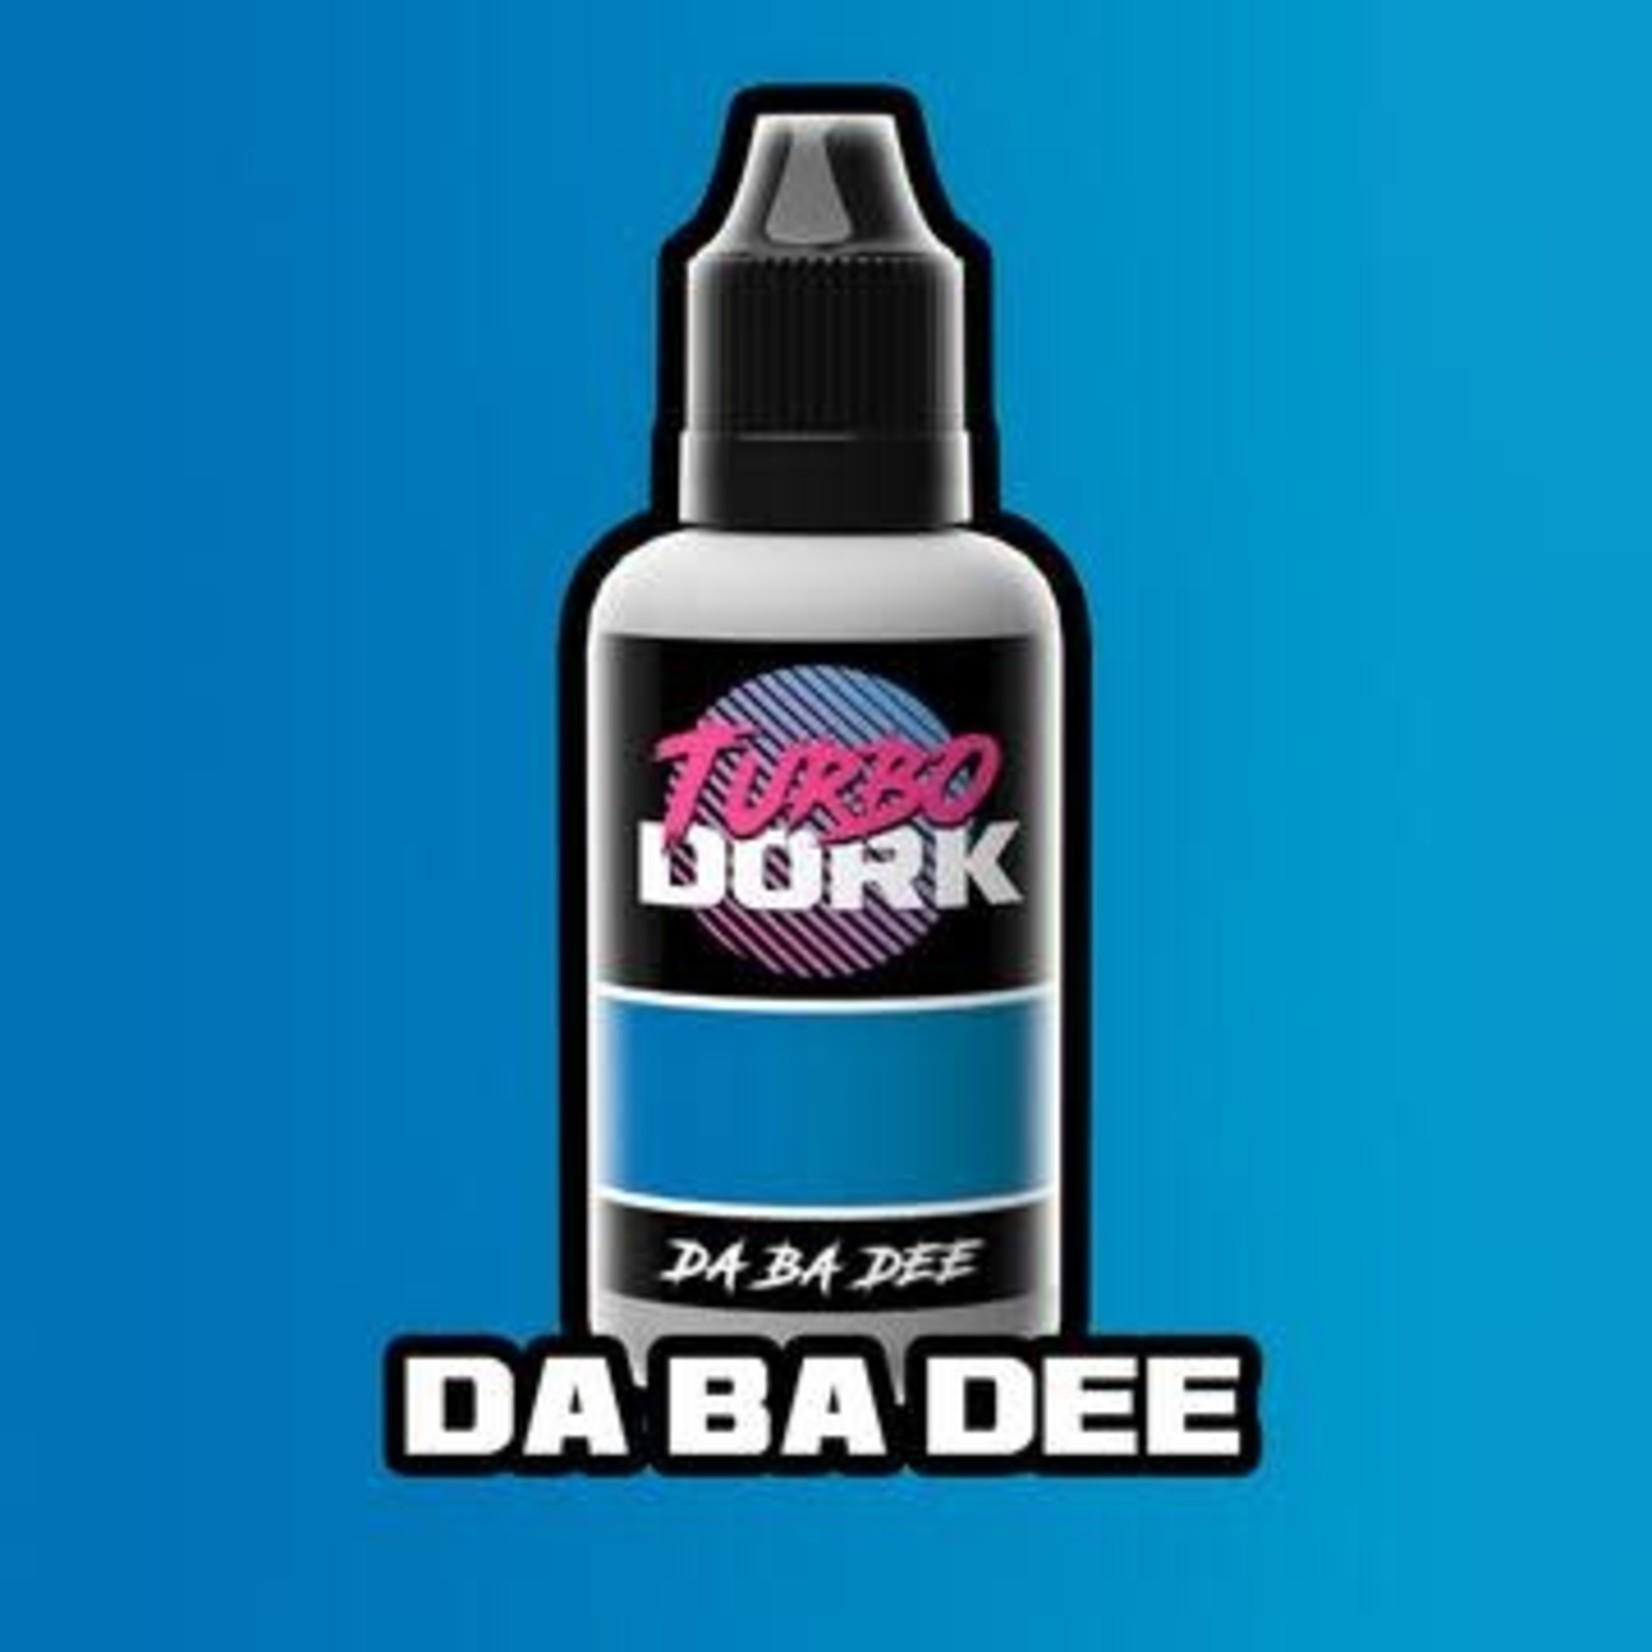 Turbo Dork Turbo Dork Da Ba Dee Metallic Acrylic Paint 20ml Bottle